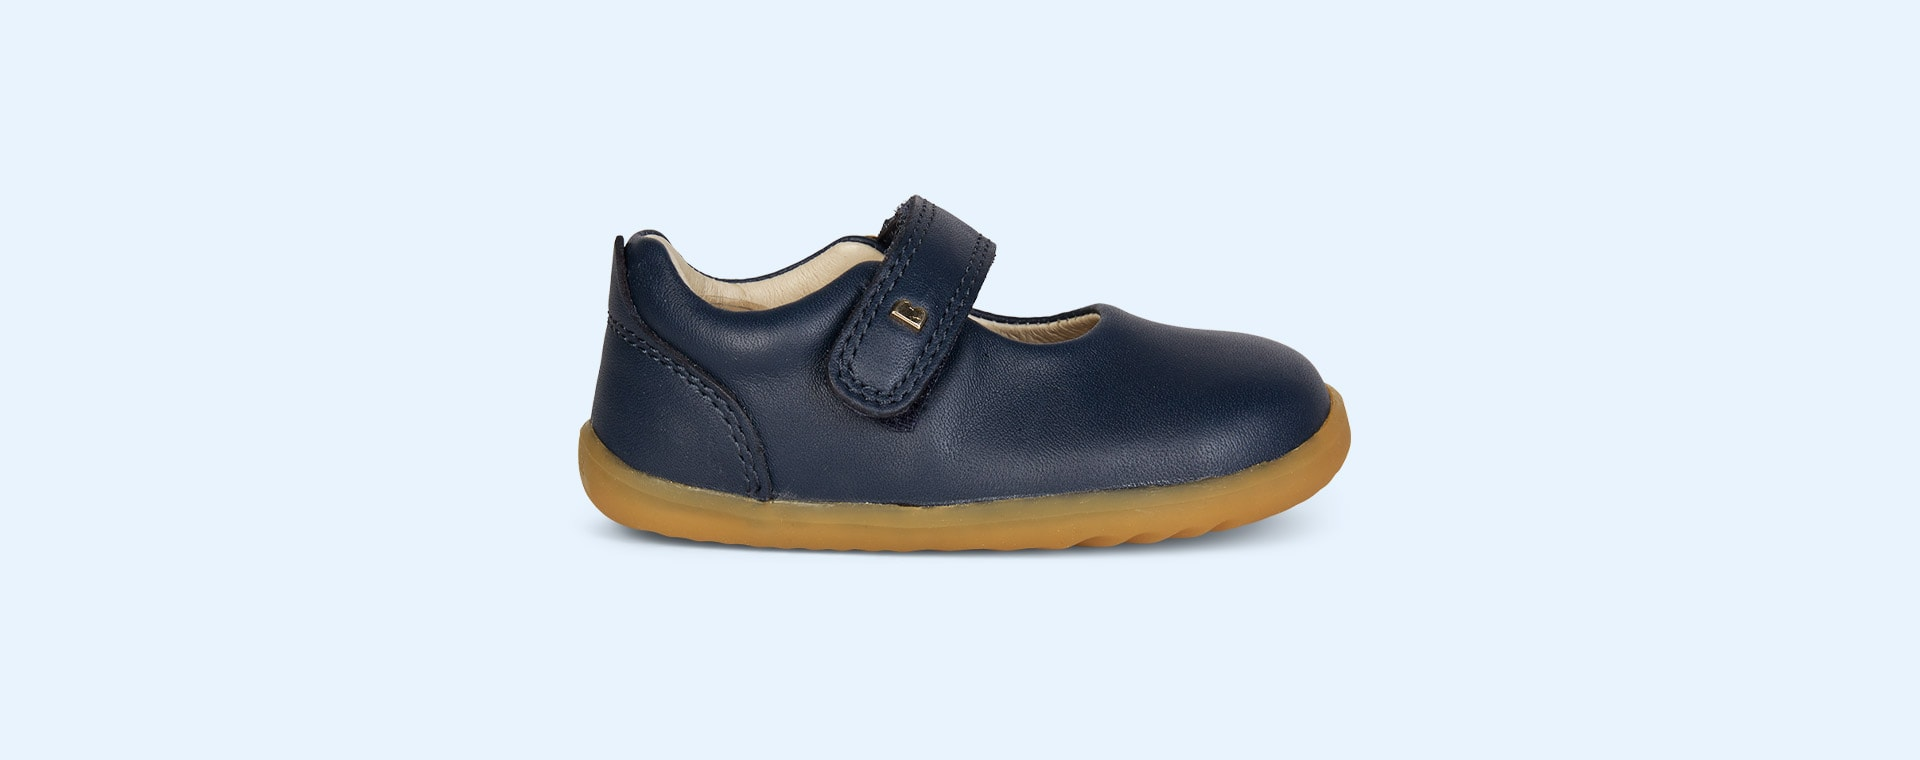 Navy Bobux Step-Up Delight Mary Jane Shoe